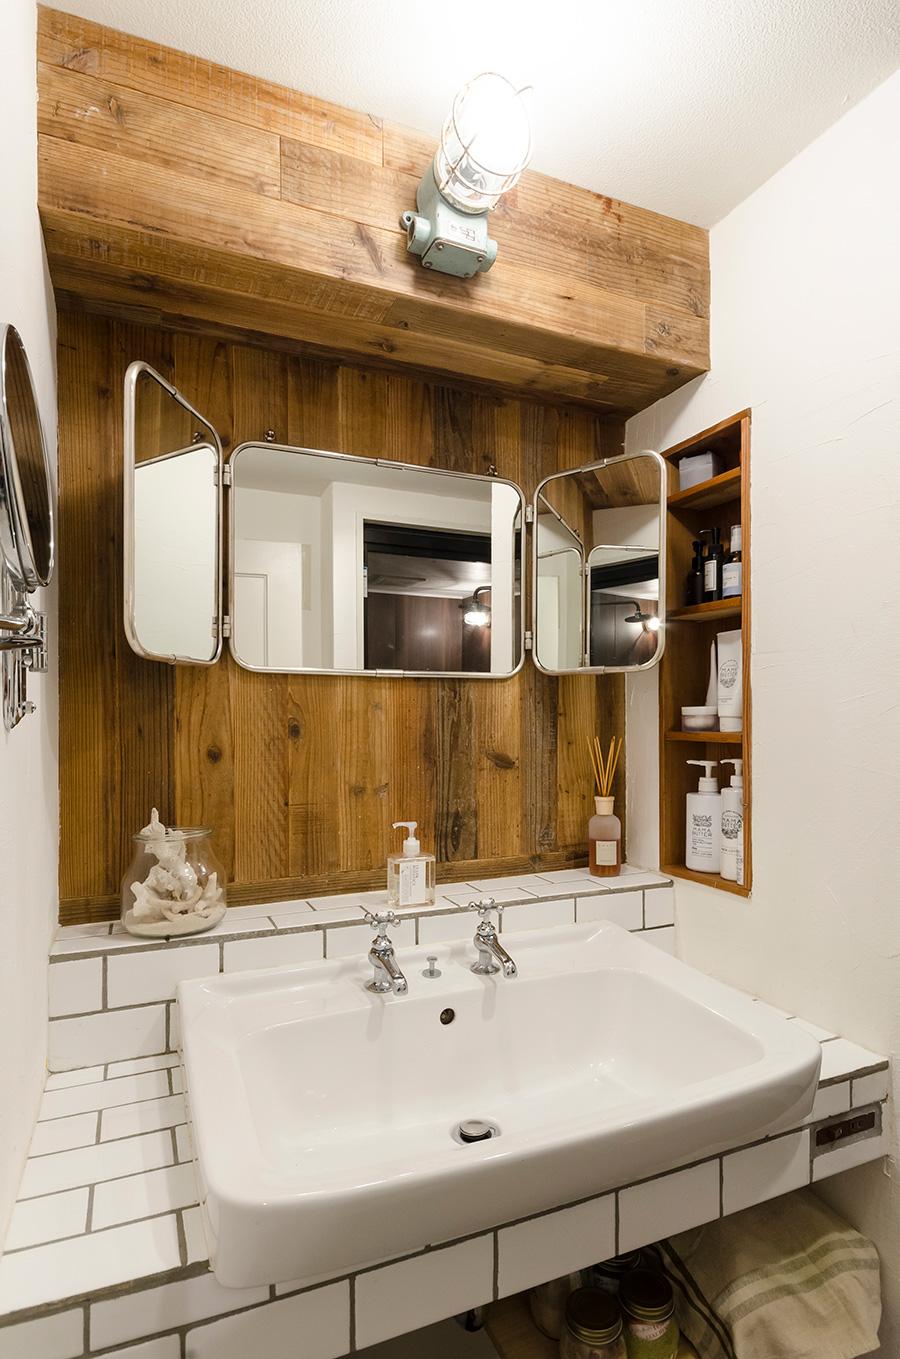 洗面は、白いタイルと木のナチュラルな風合いに、マリンランプがインダストリアル感をミックス。